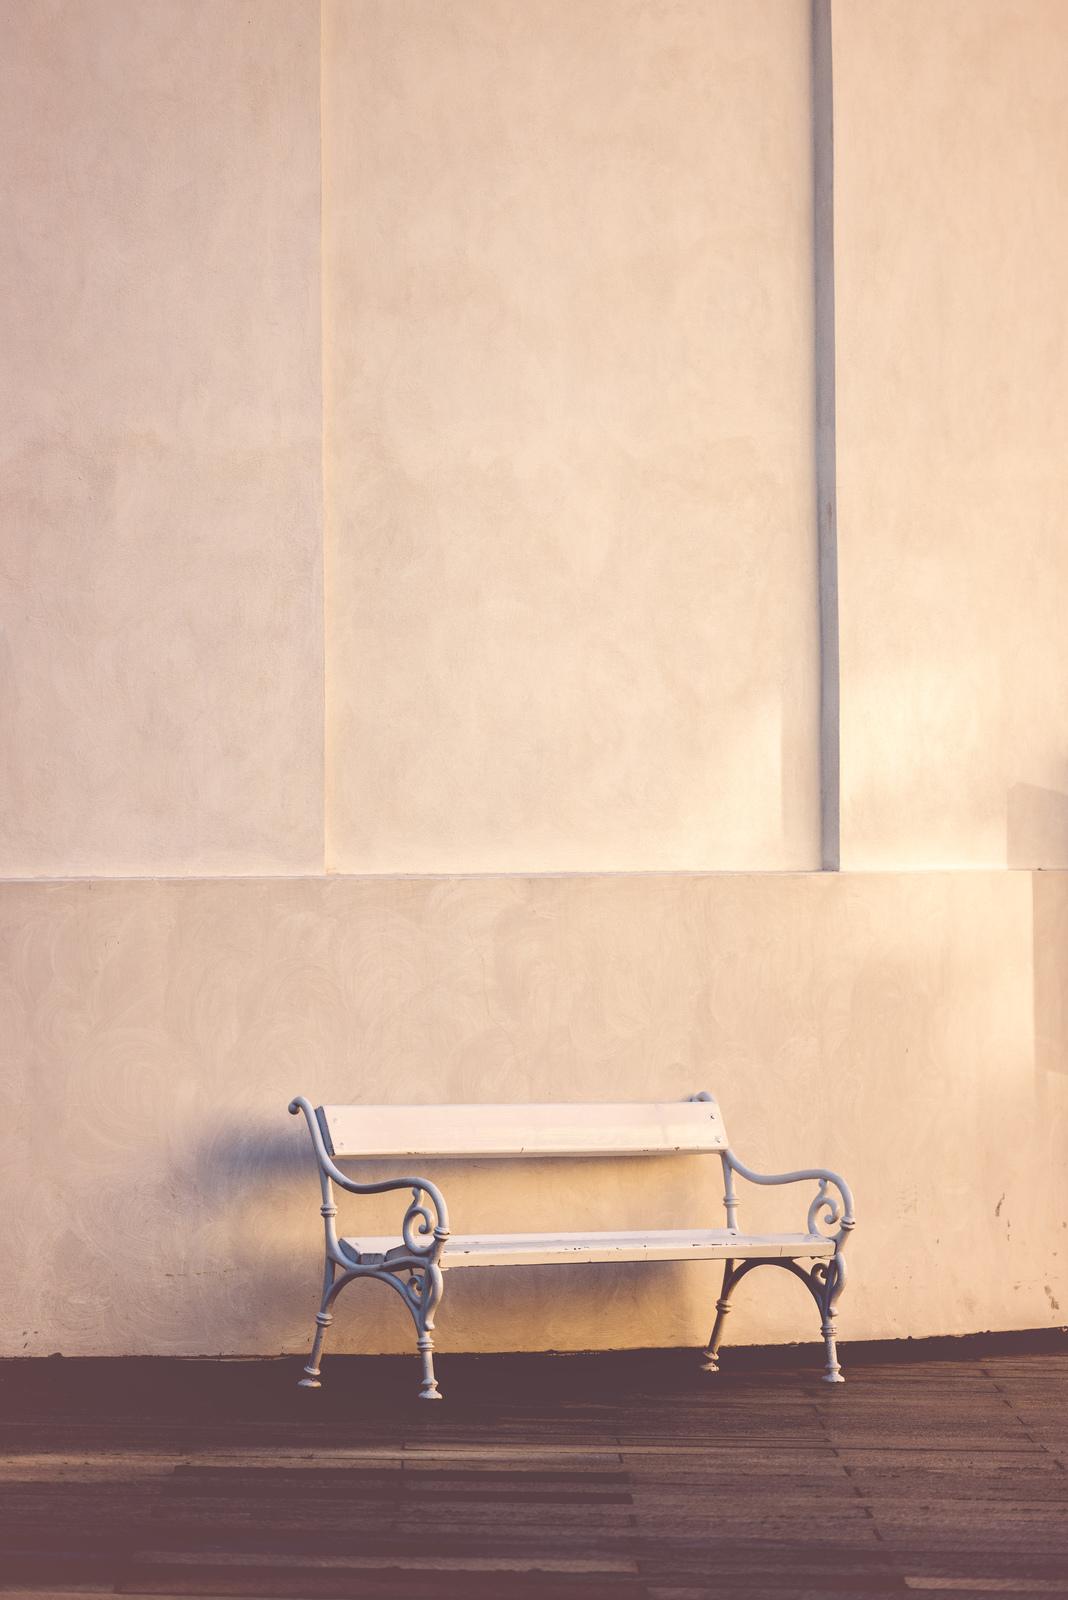 Kompaktowe i designerskie ławki na miarę XXI wieku